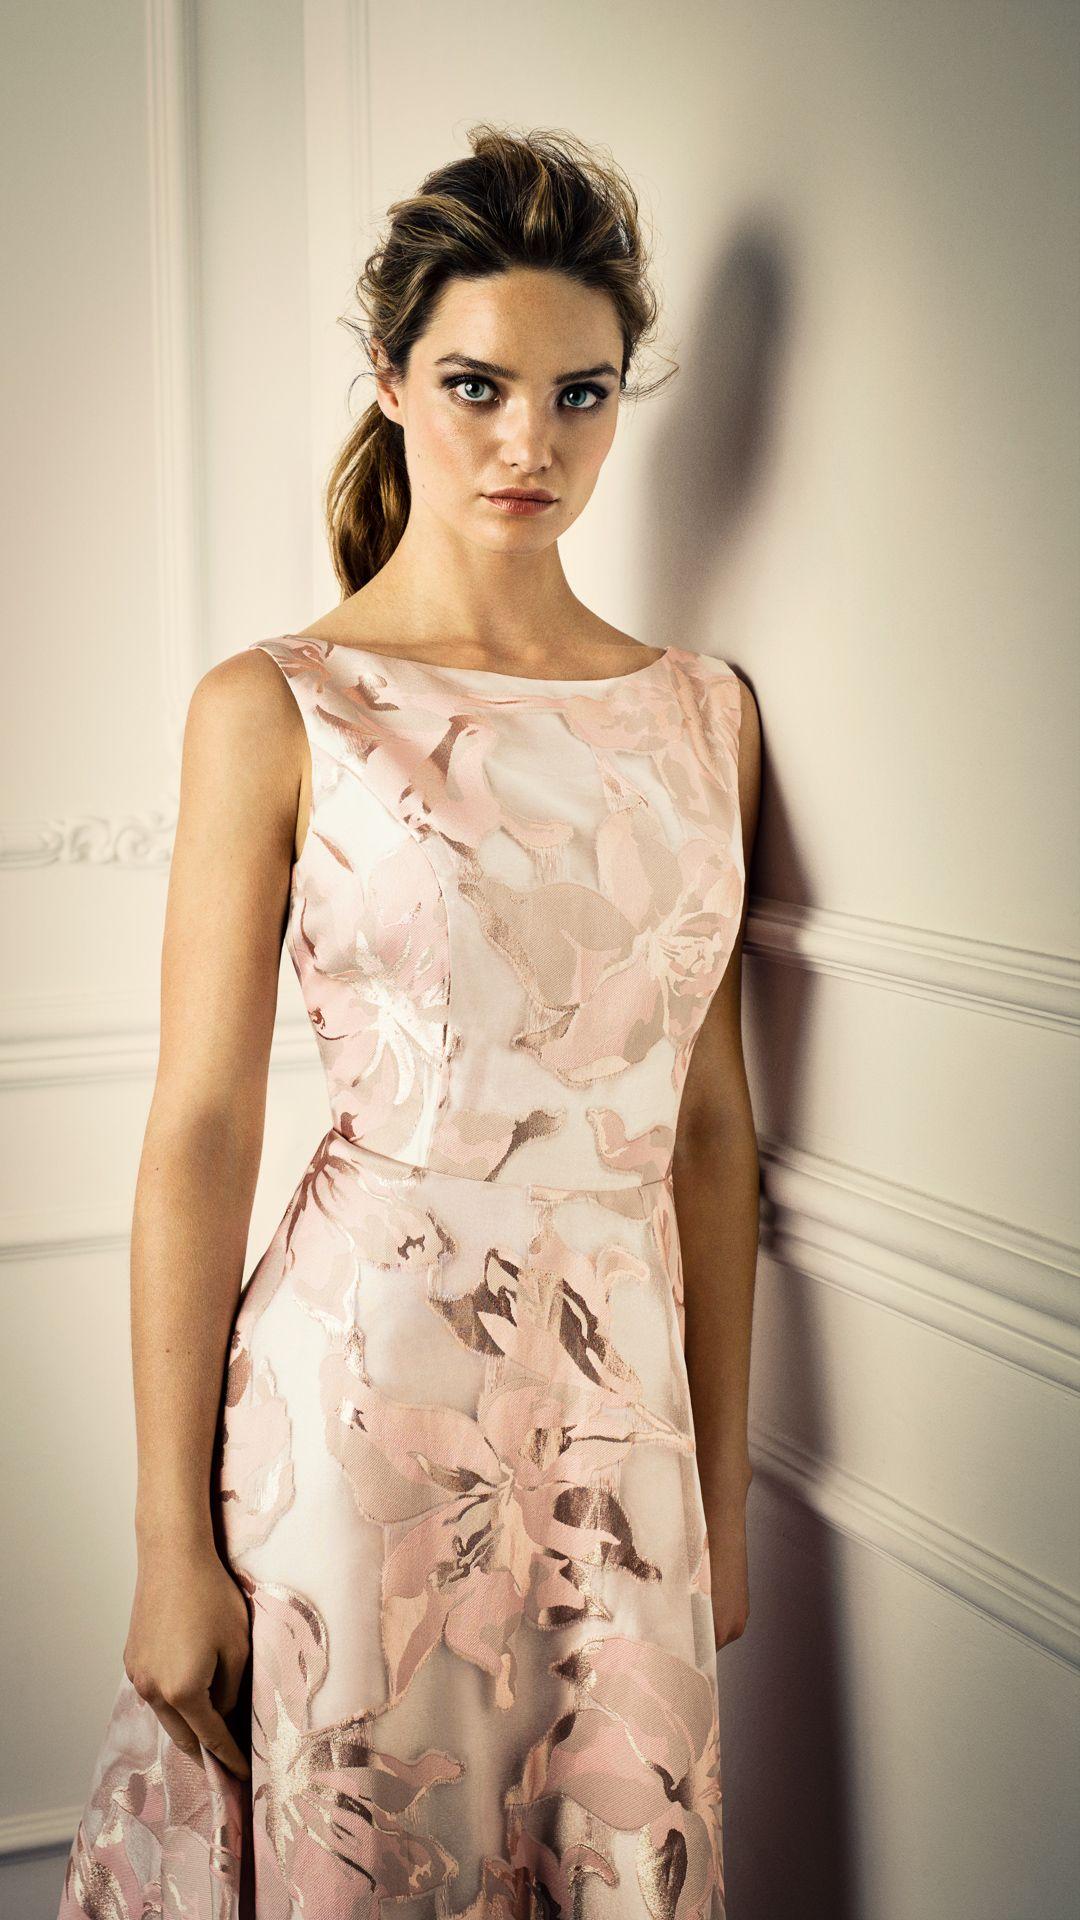 Abendkleid Fur Hochzeitsgaste Brautmutter Oder Trauzeugin Vera Mont Herbst Winter Kollektion 2019 2020 Jetzt Bei Bos Traumkleider Modestil Elegante Kleider